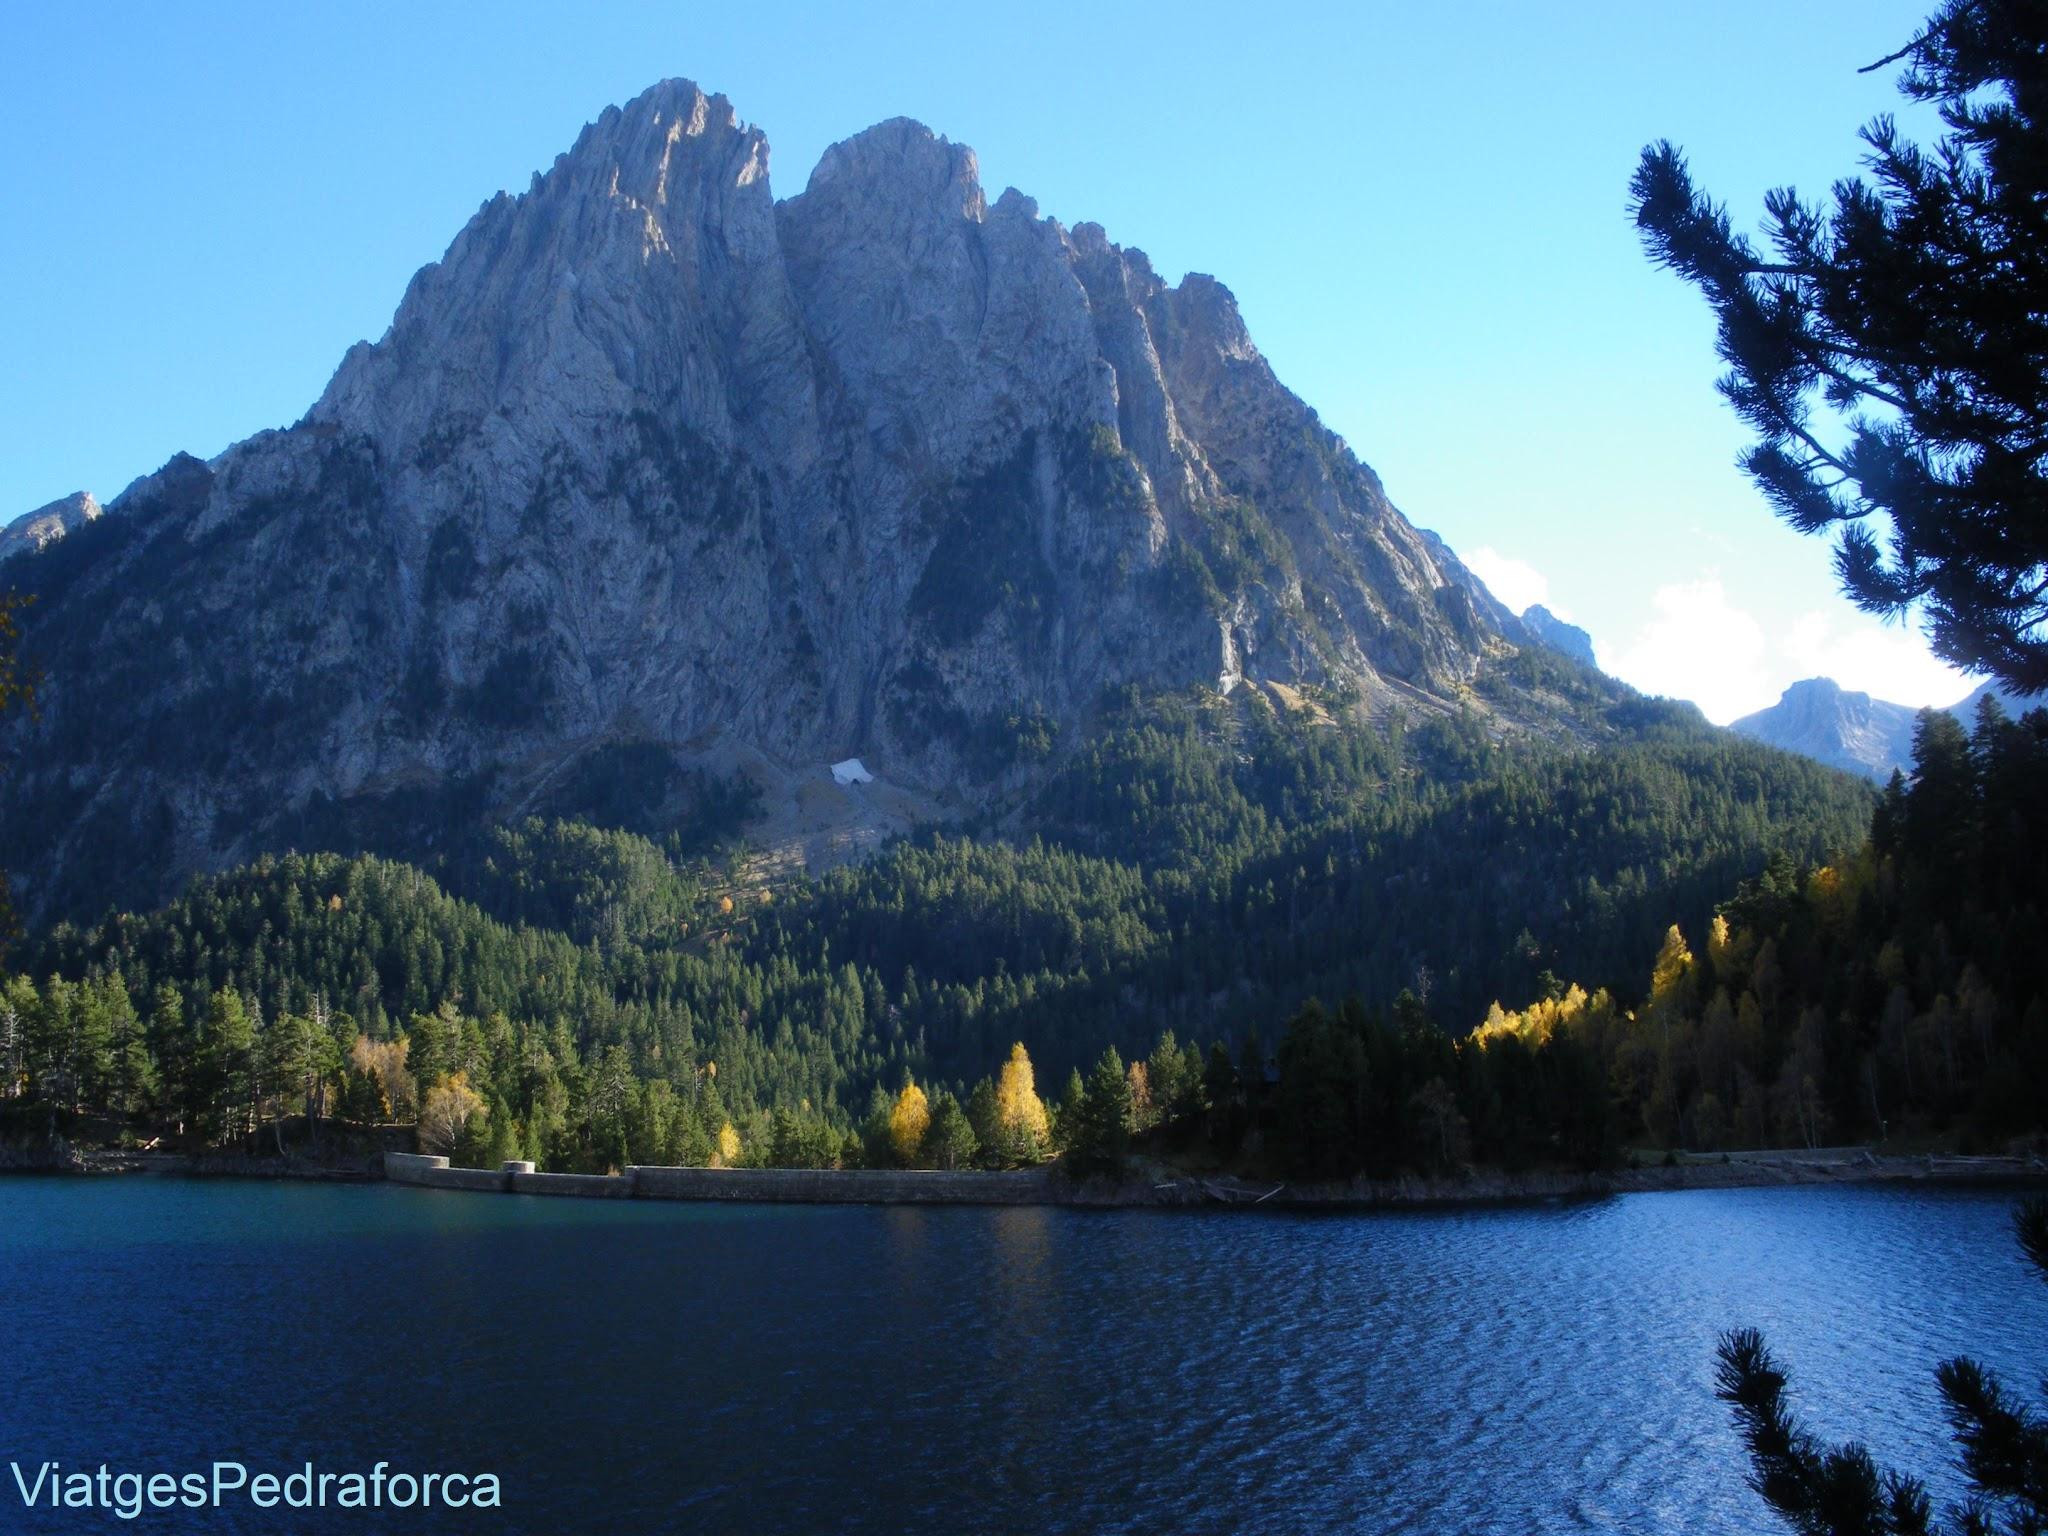 Els Encantats, Parc nacional d'Aigüestortes i Estany de Sant Maurici, Lleida, Catalunya, Pirineus Catalans